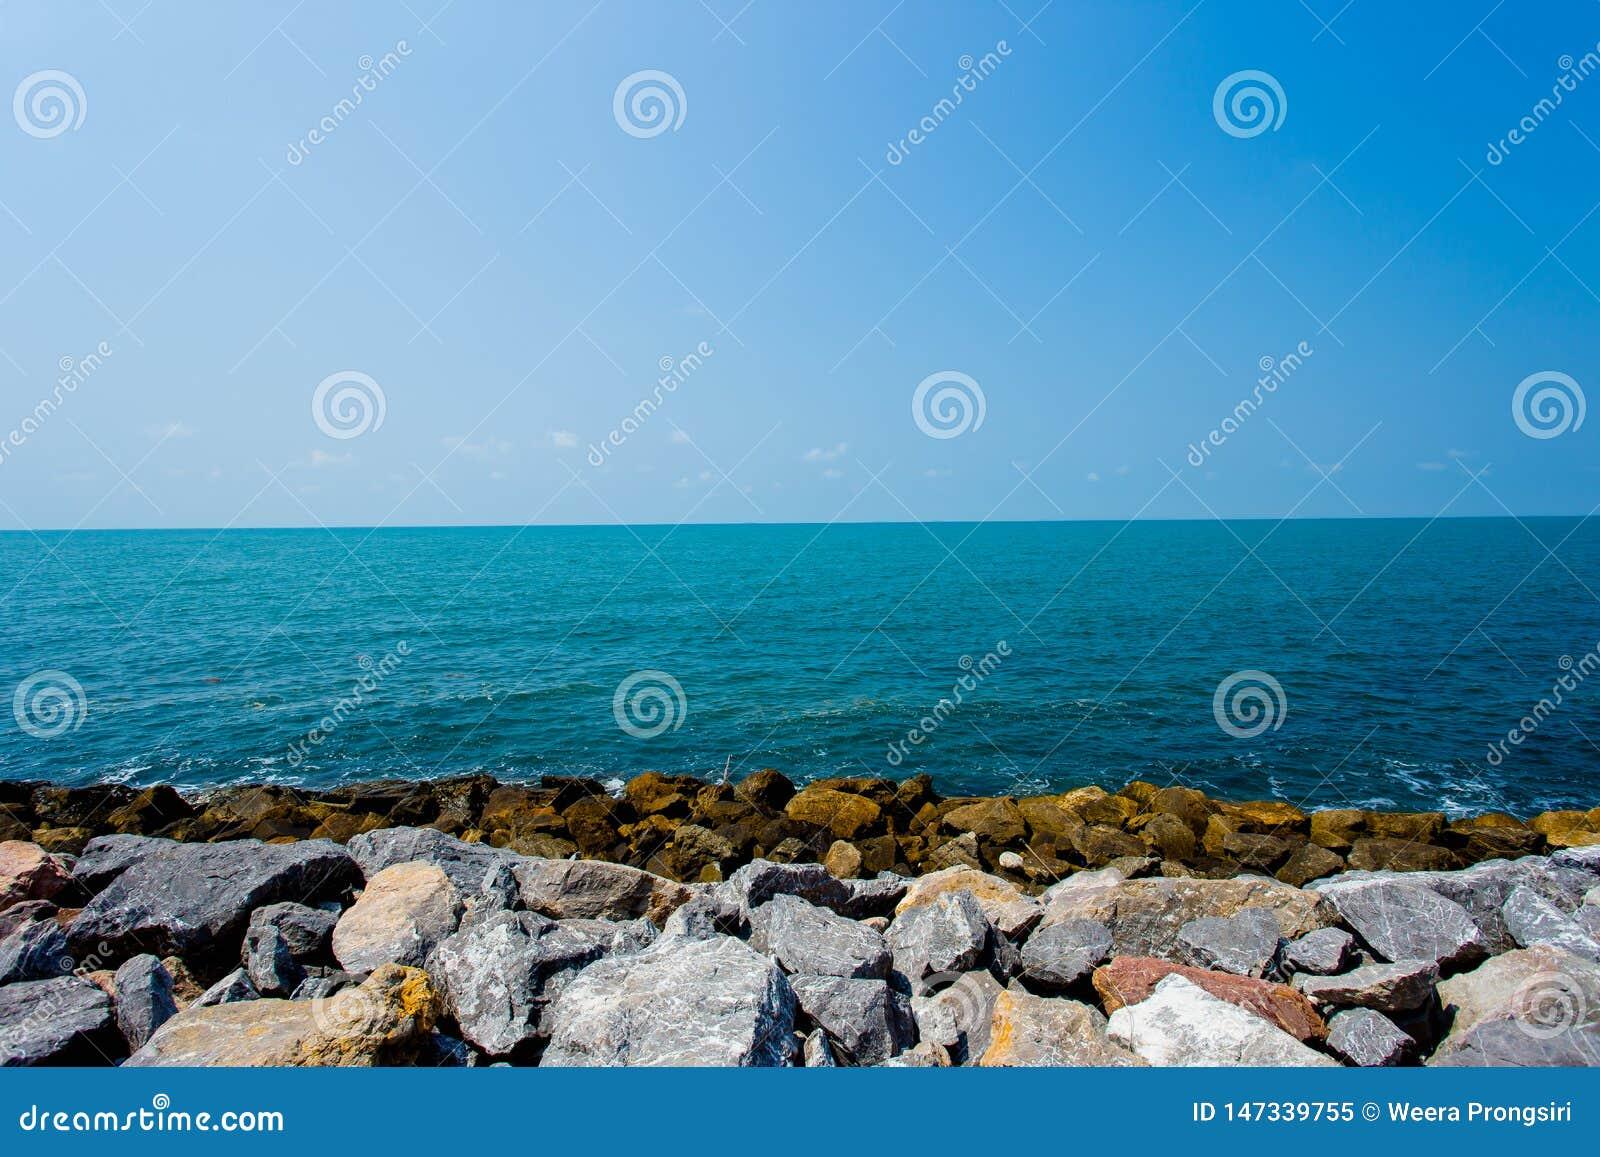 Проливной дождь, ветер, пляж, остров, Koh Lipe